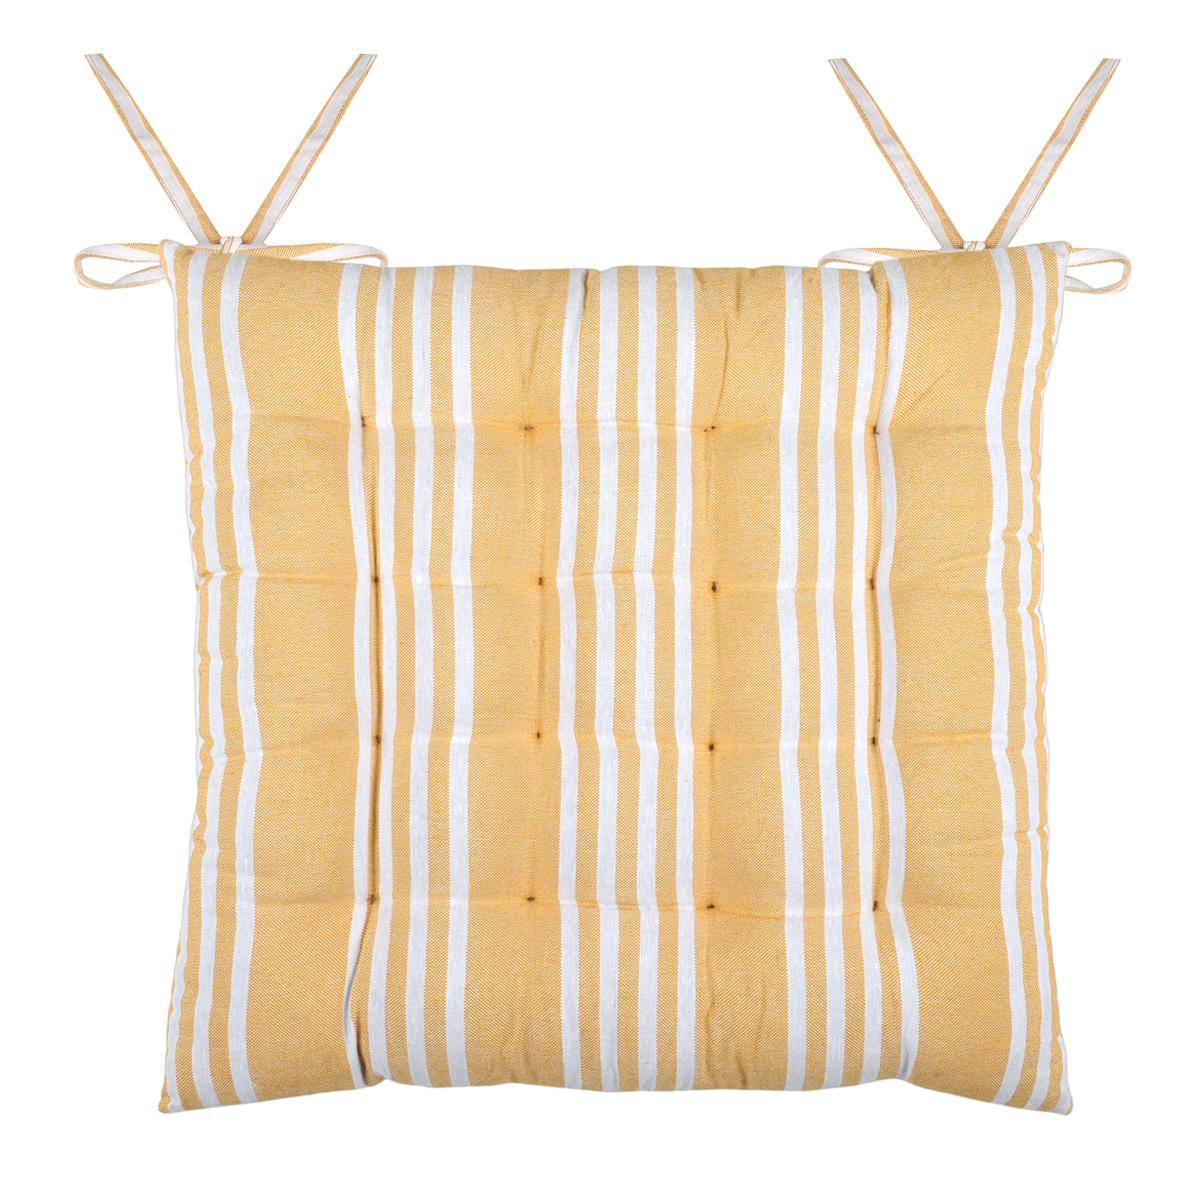 Galette de chaise Mandelieu rayée et matelassée - Jaune - 40 x 40 cm